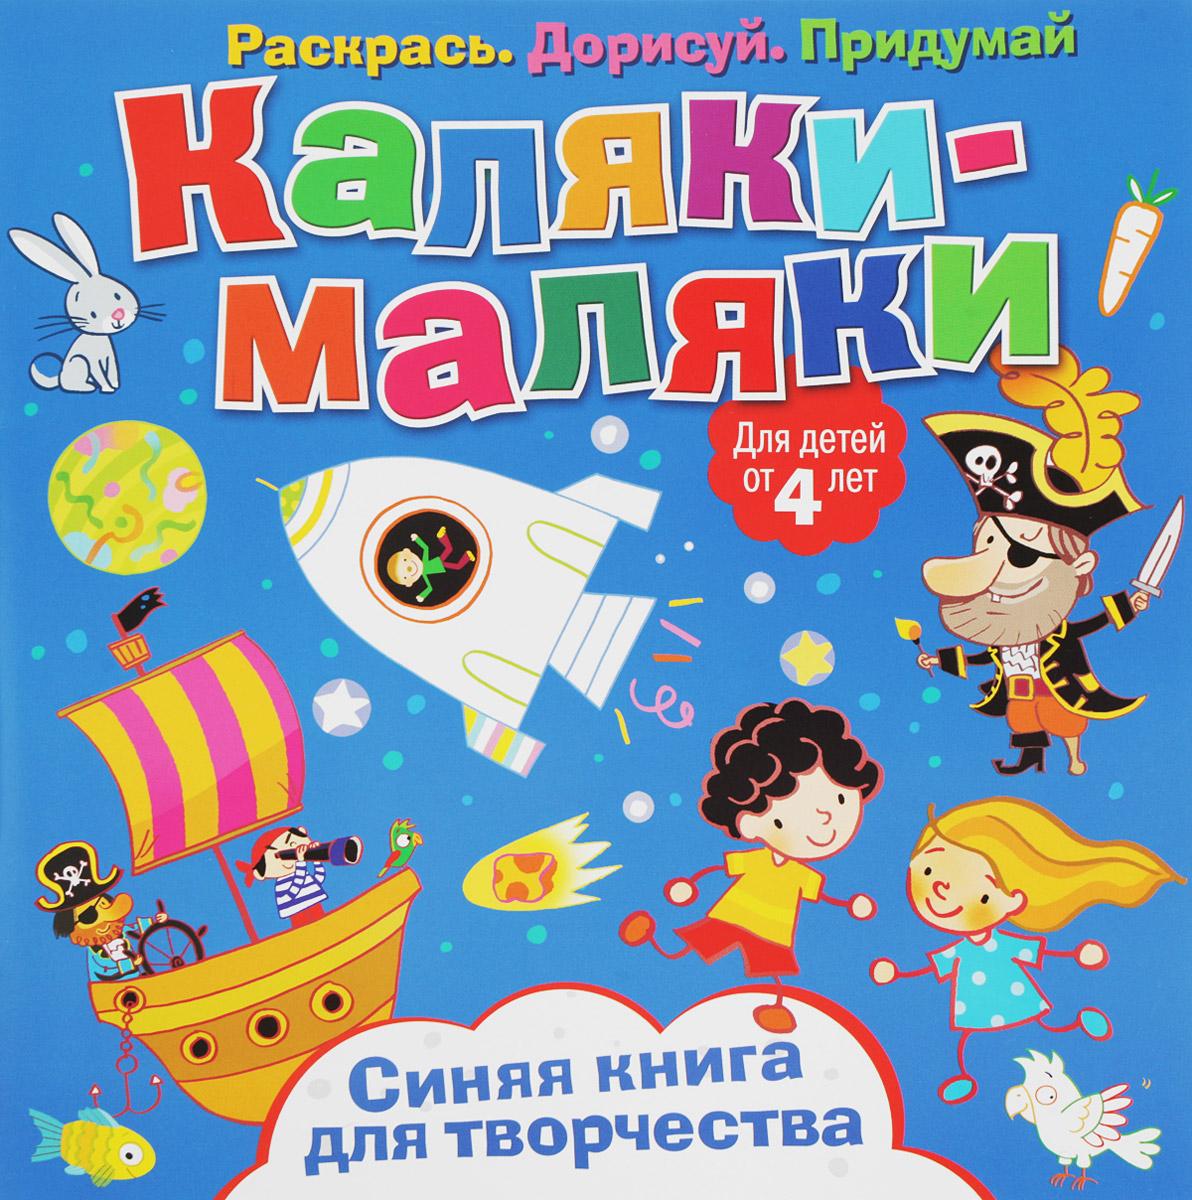 Каляки-маляки. Синяя книга для творчества nd play розовая книга для творчества каляки маляки